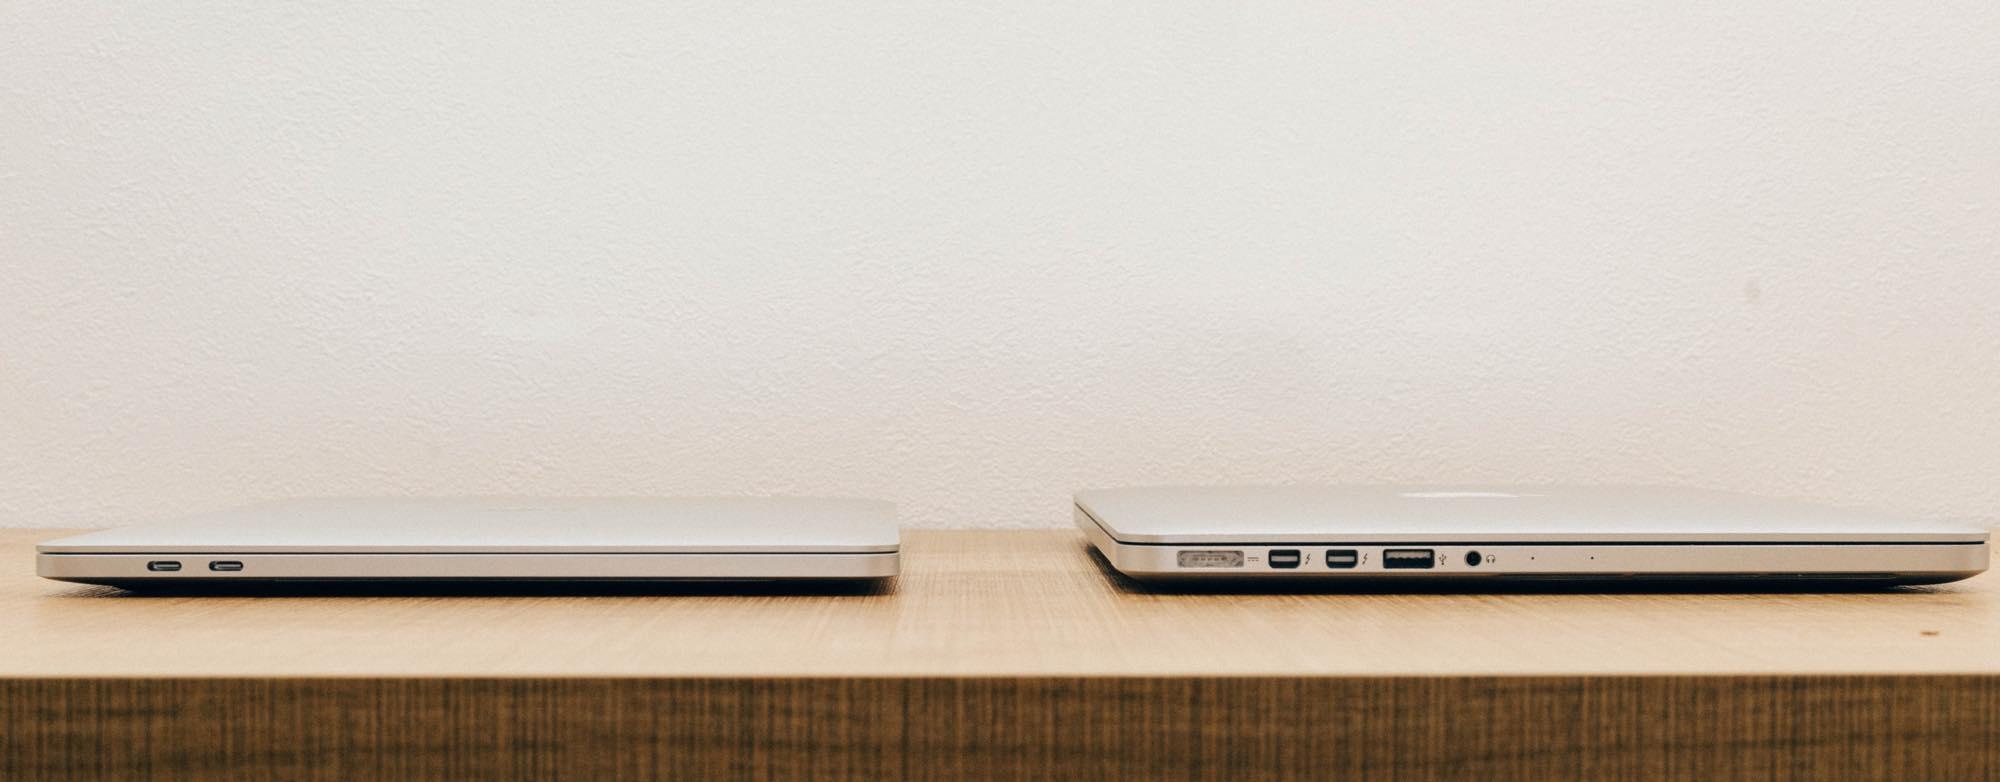 新しいMacBook Proと古いMacBook Proのポート比較